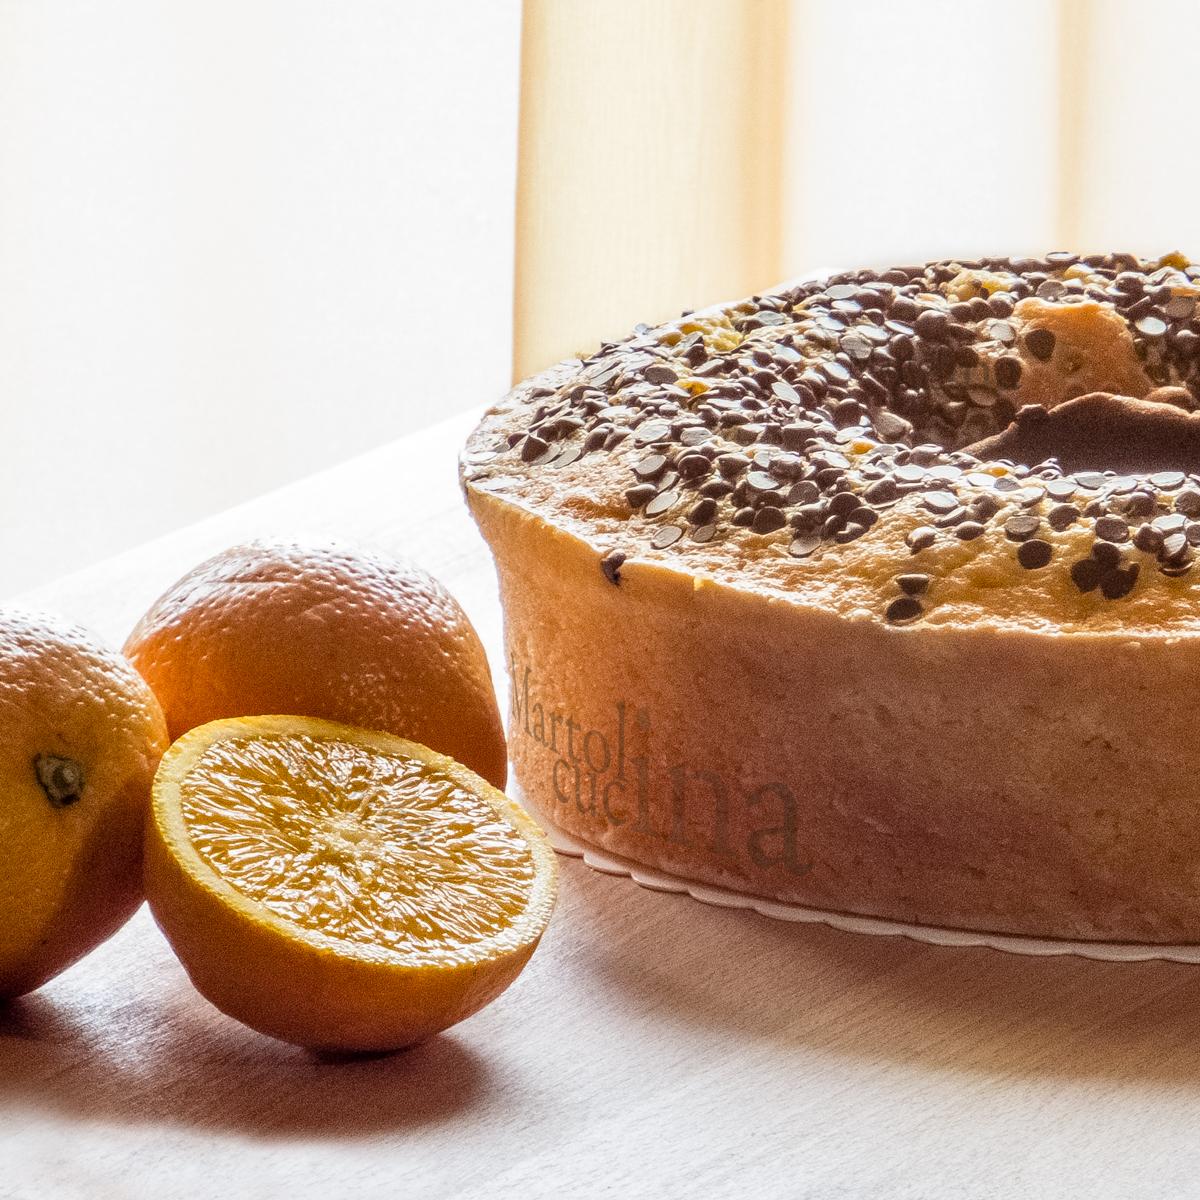 Torta-arance-ciocc-frullatore-1200x1200